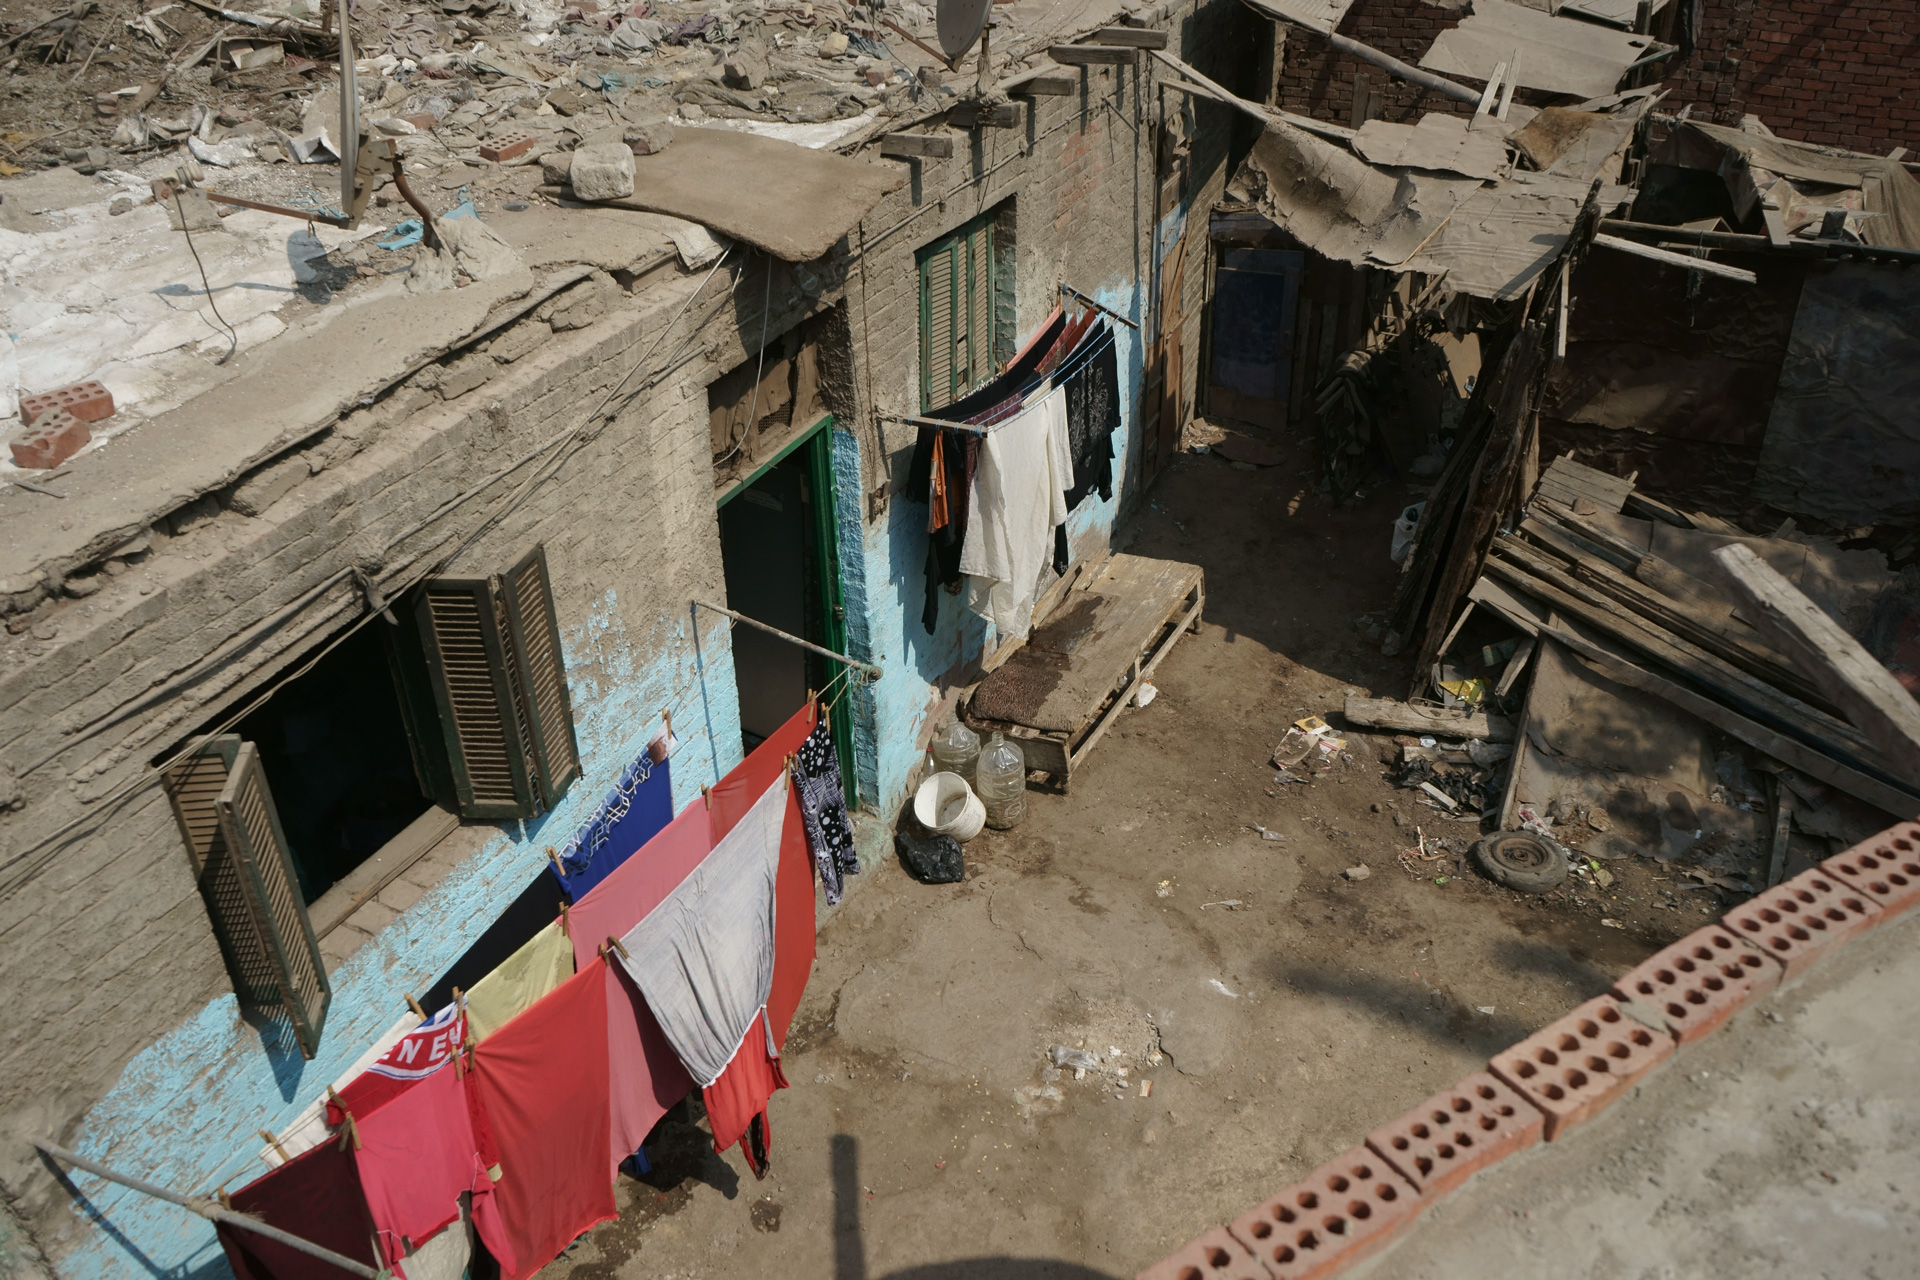 A settlement in Cairo